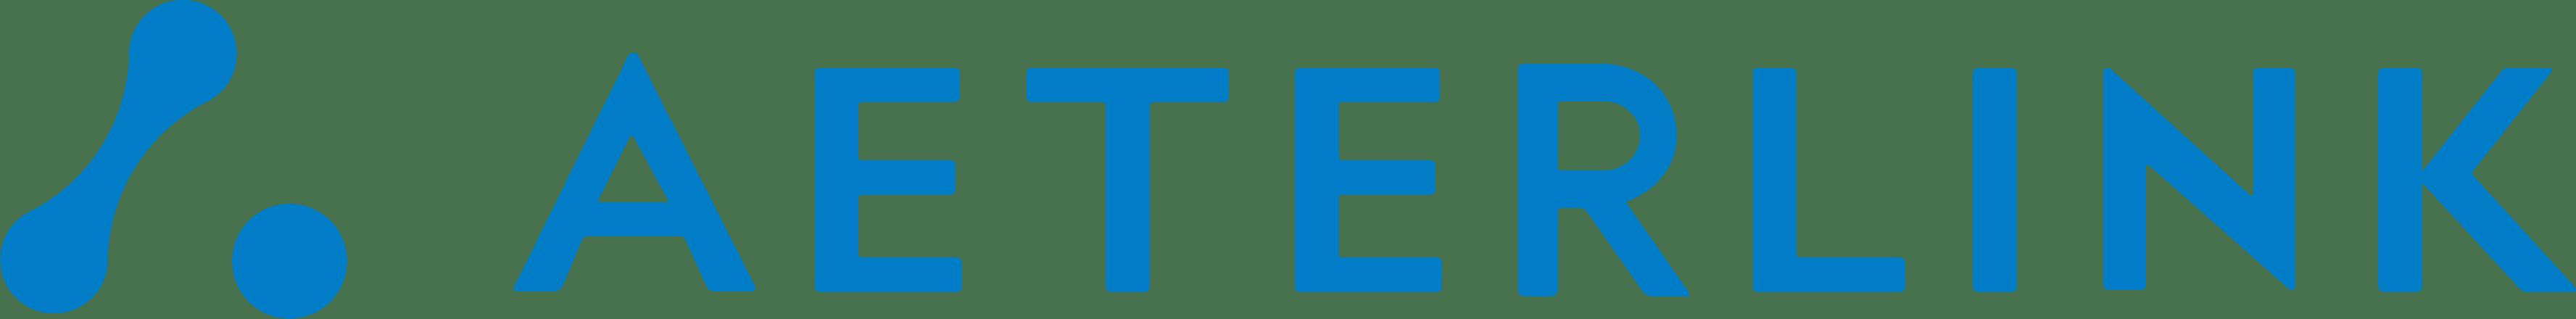 エイターリンク株式会社の企業ロゴ